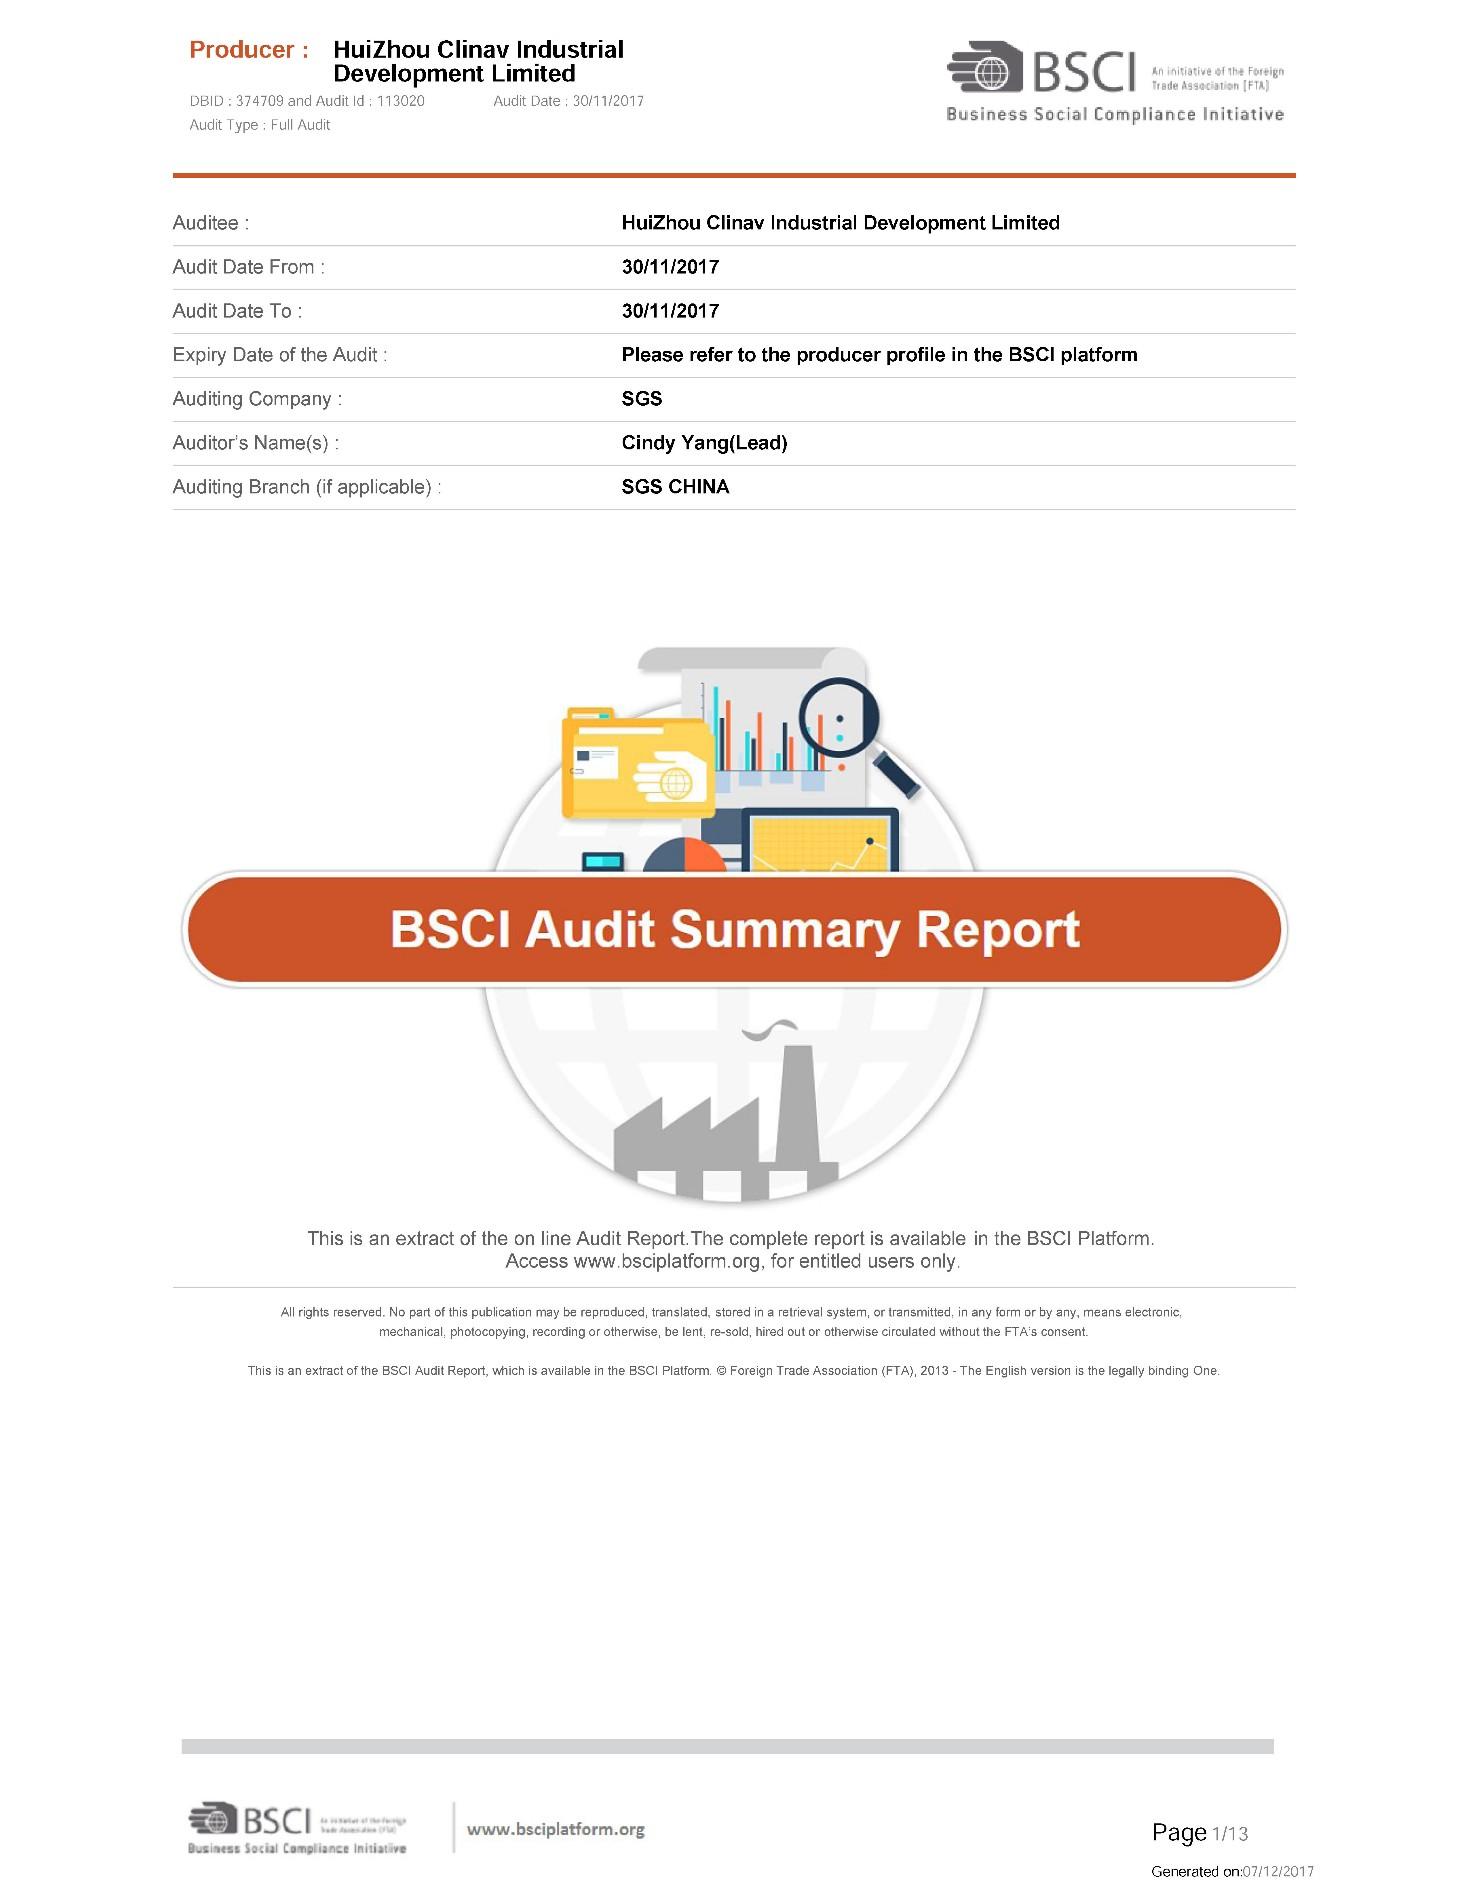 BSCI Audit